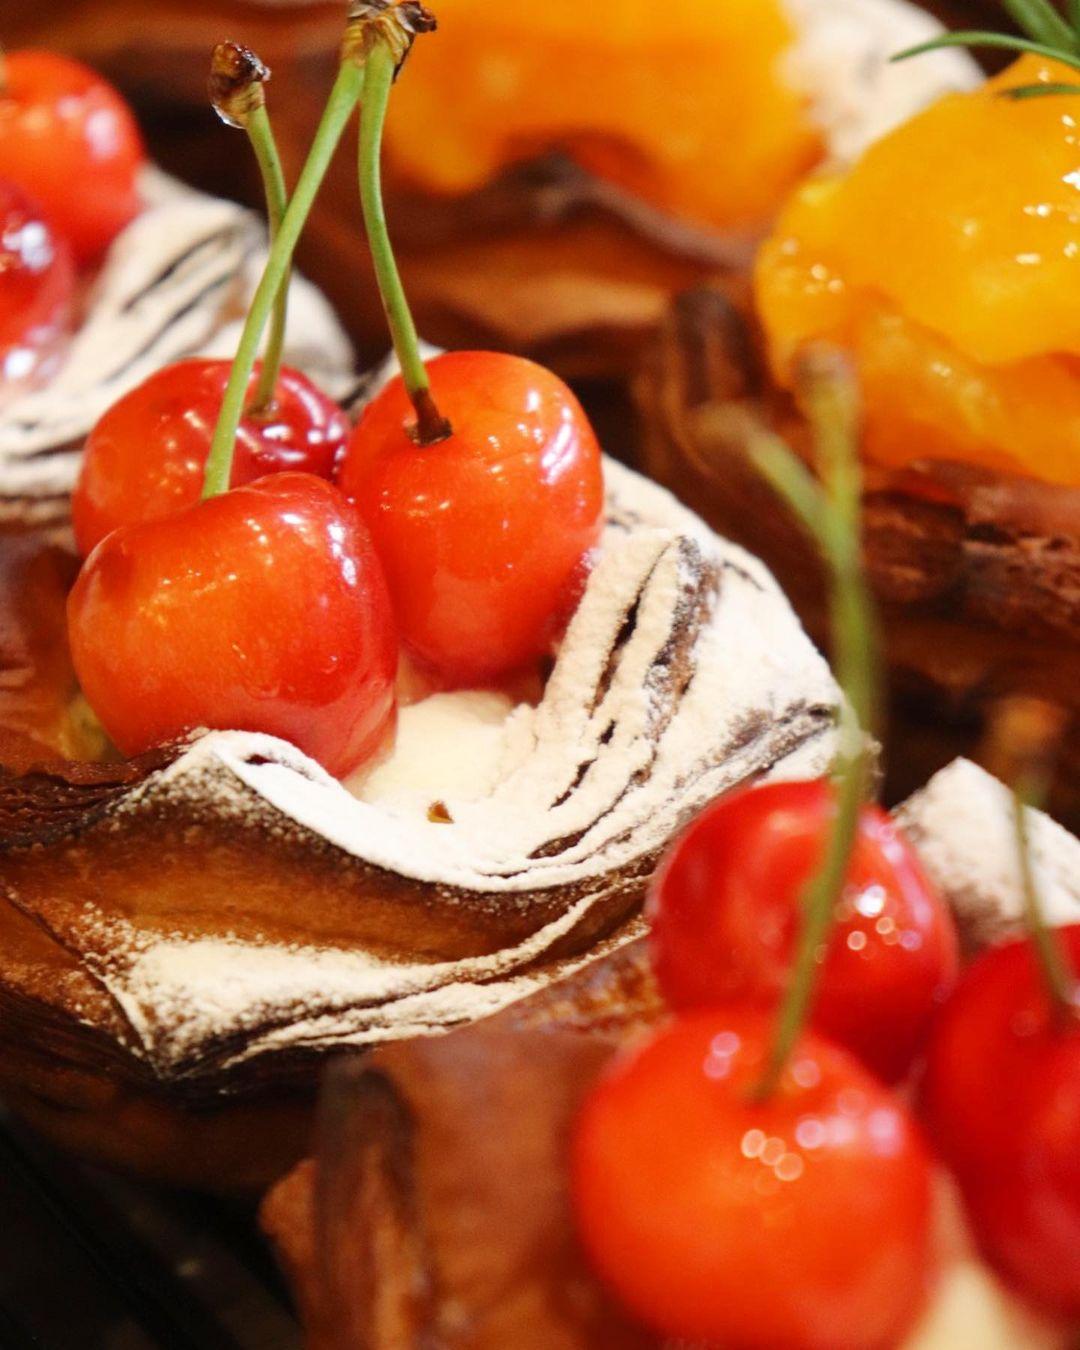 季節限定のデニッシュ「ブルベリーのデニッシュ」「メロンのデニッシュ」たいへん好評いただいています(2021.07.18)